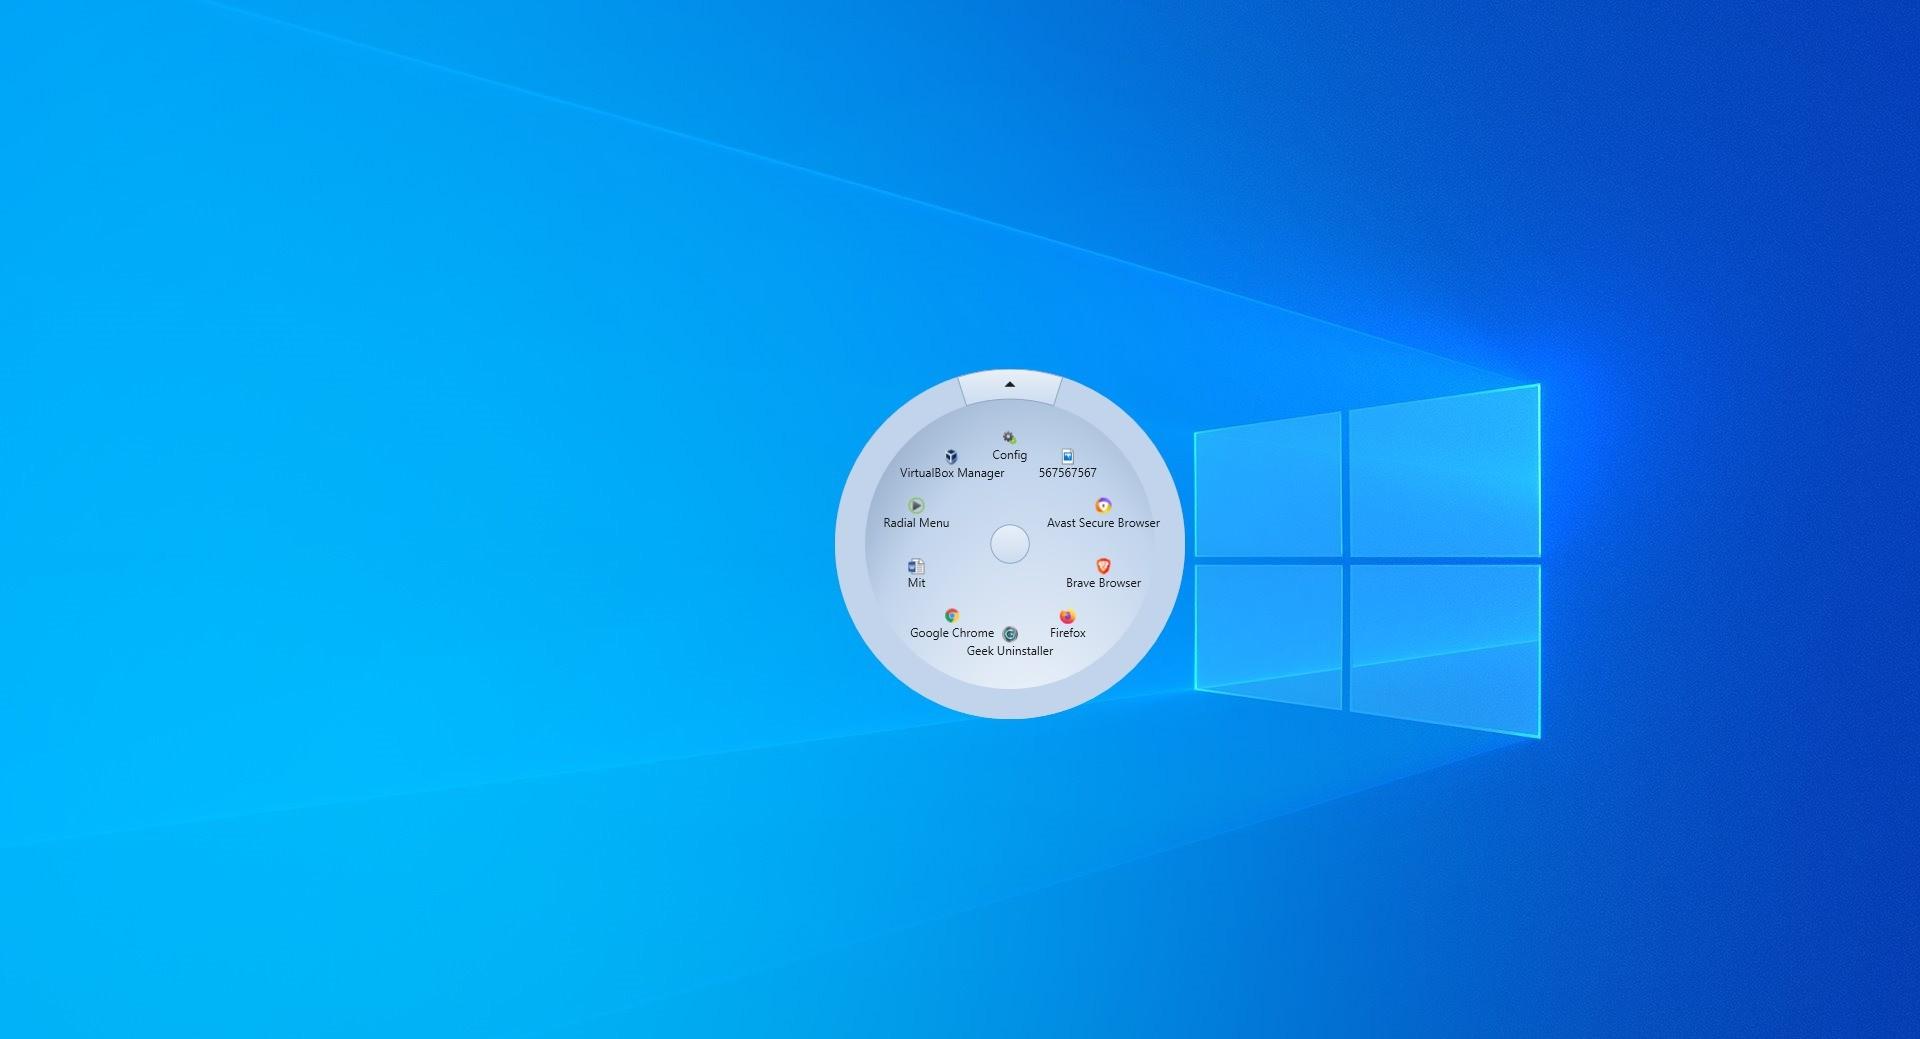 Screenshot 1 - Radial Menu